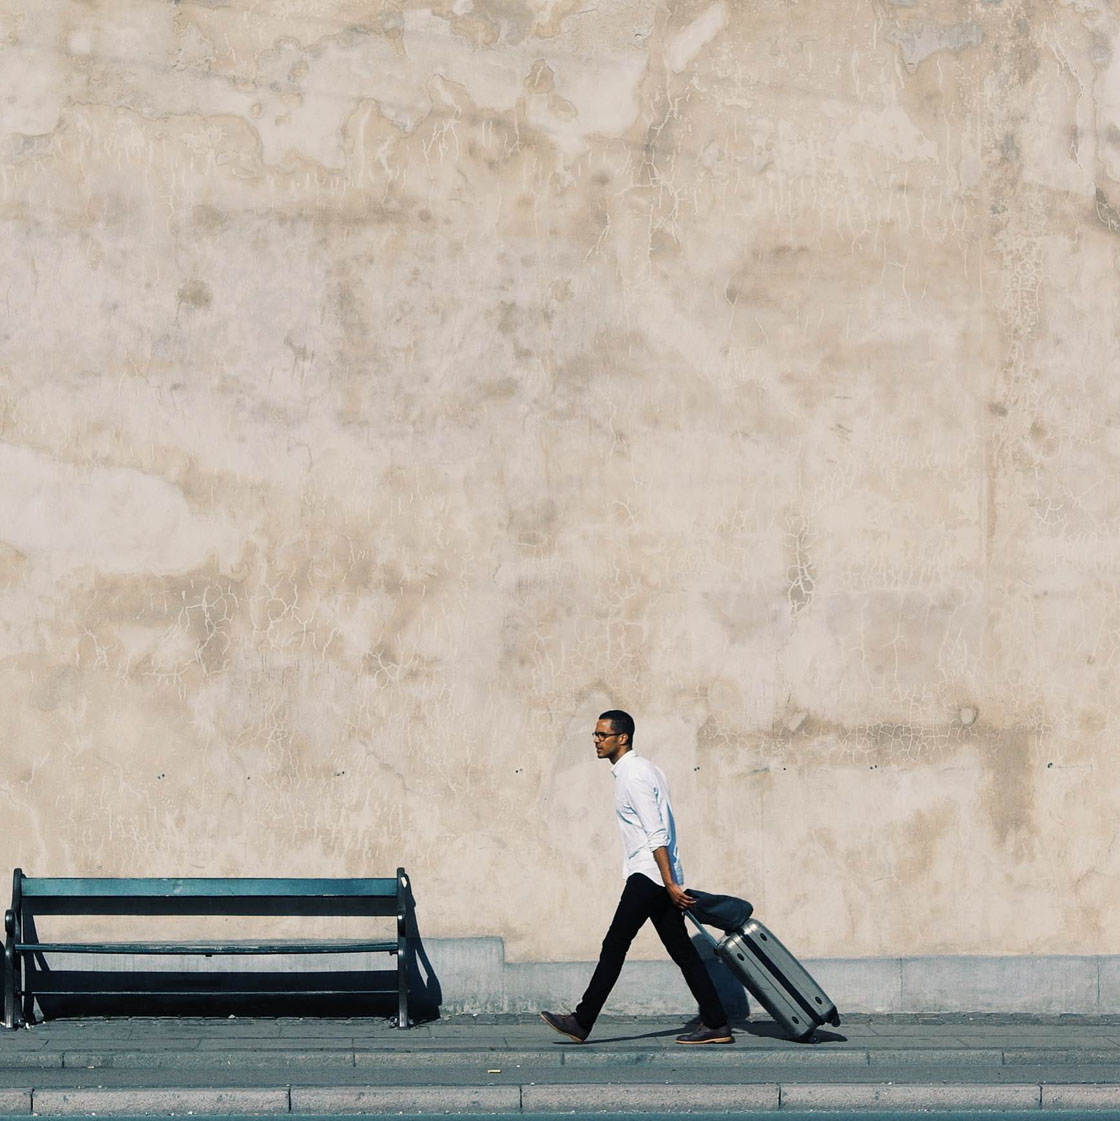 iPhone Street Photos Of Strangers 1